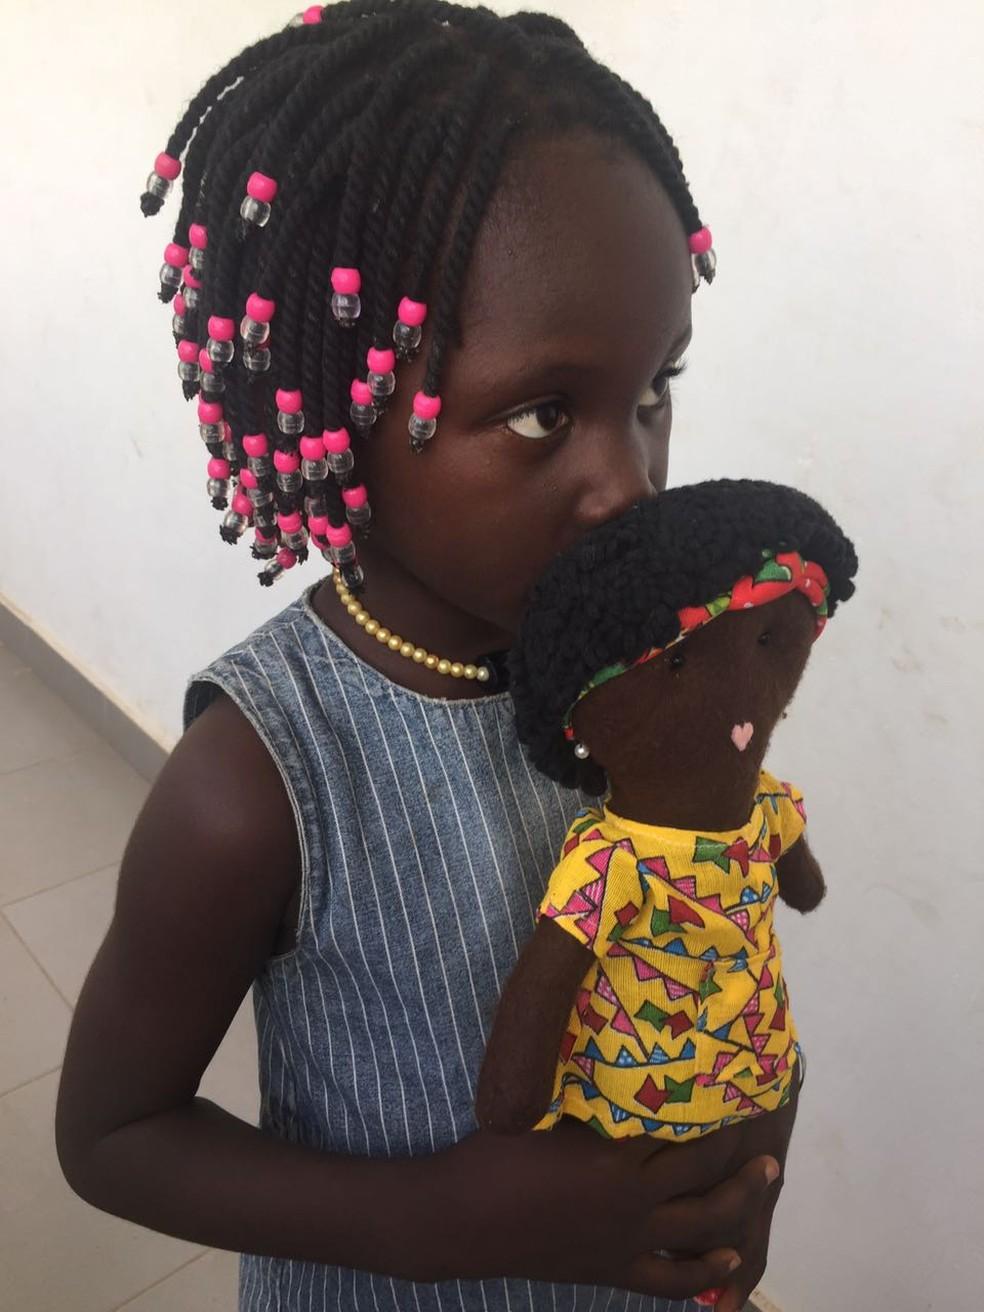 Brinquedo foi criado para que as meninas vejam identificação pessoal na boneca (Foto: Arquivo Pessoal)